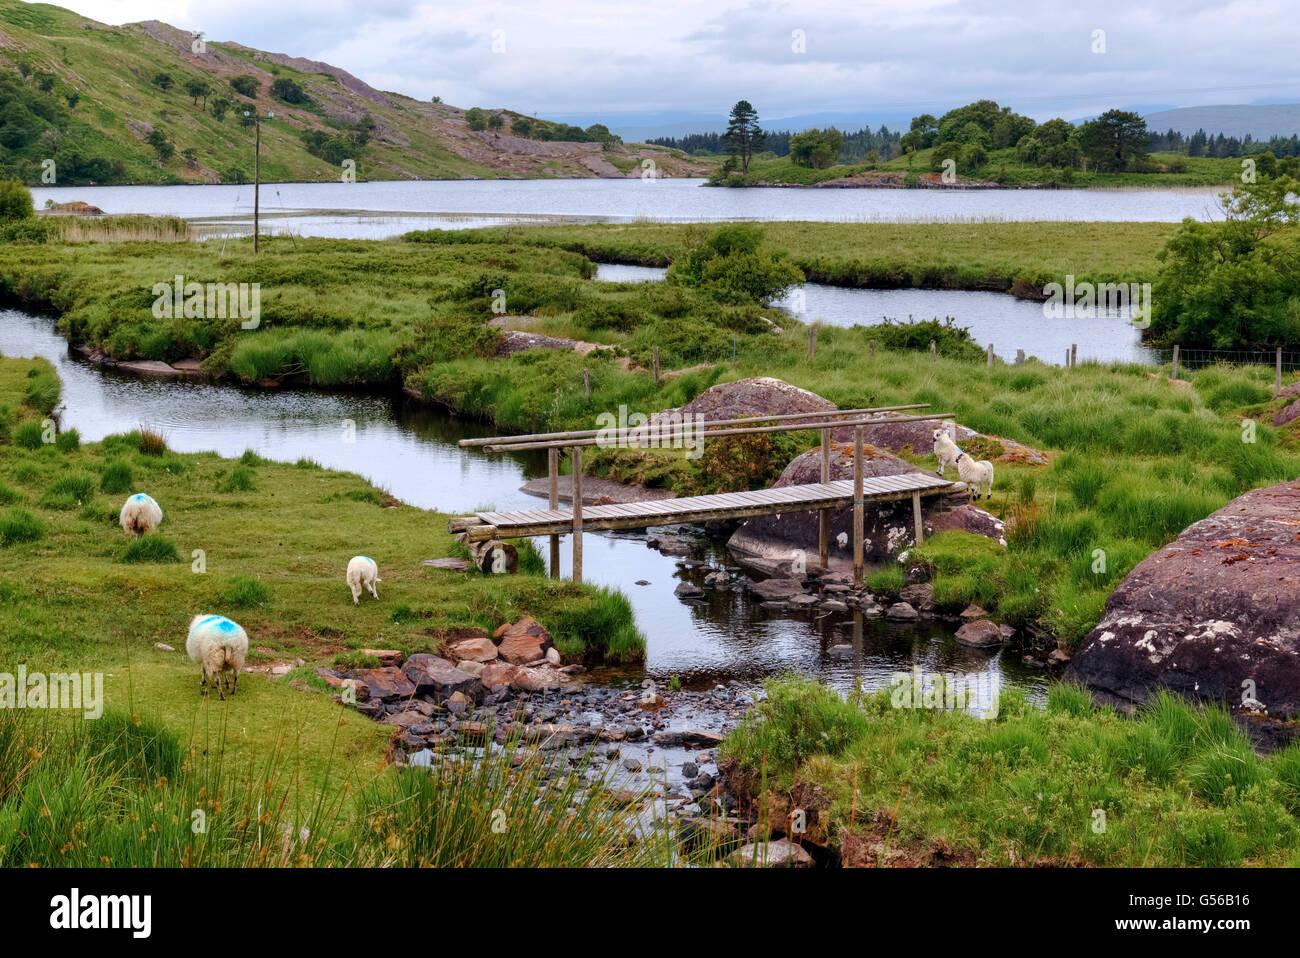 Gleninchaquin Park, Cloonee Lough, Beara Peninsula, County Kerry, Ireland - Stock Image